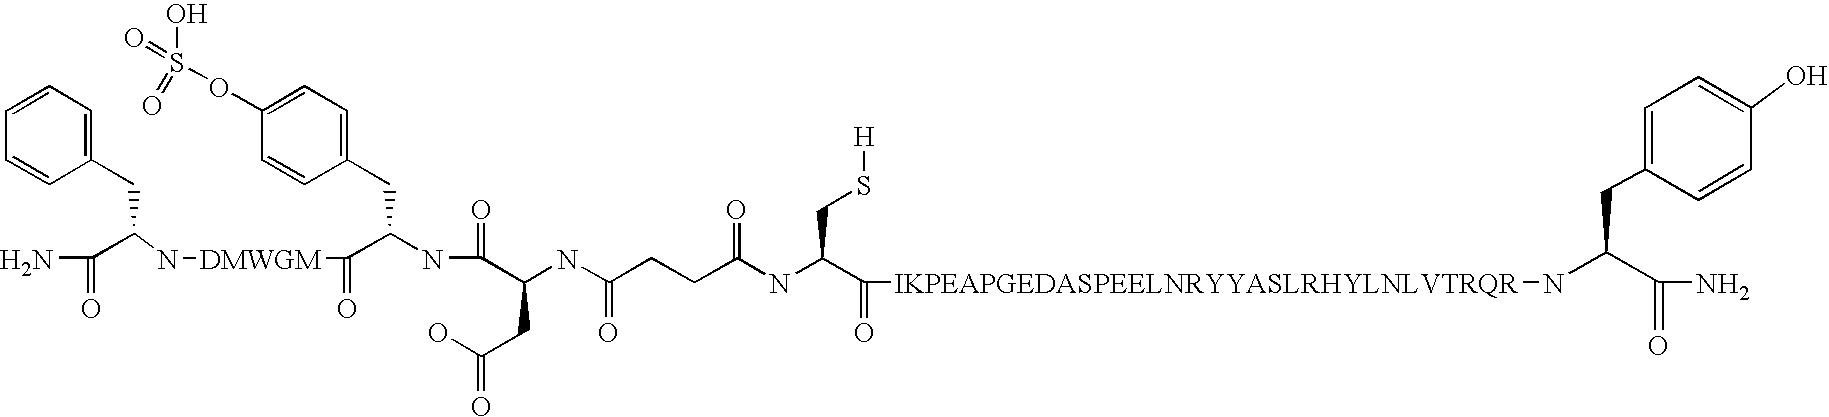 Figure US08076288-20111213-C00002